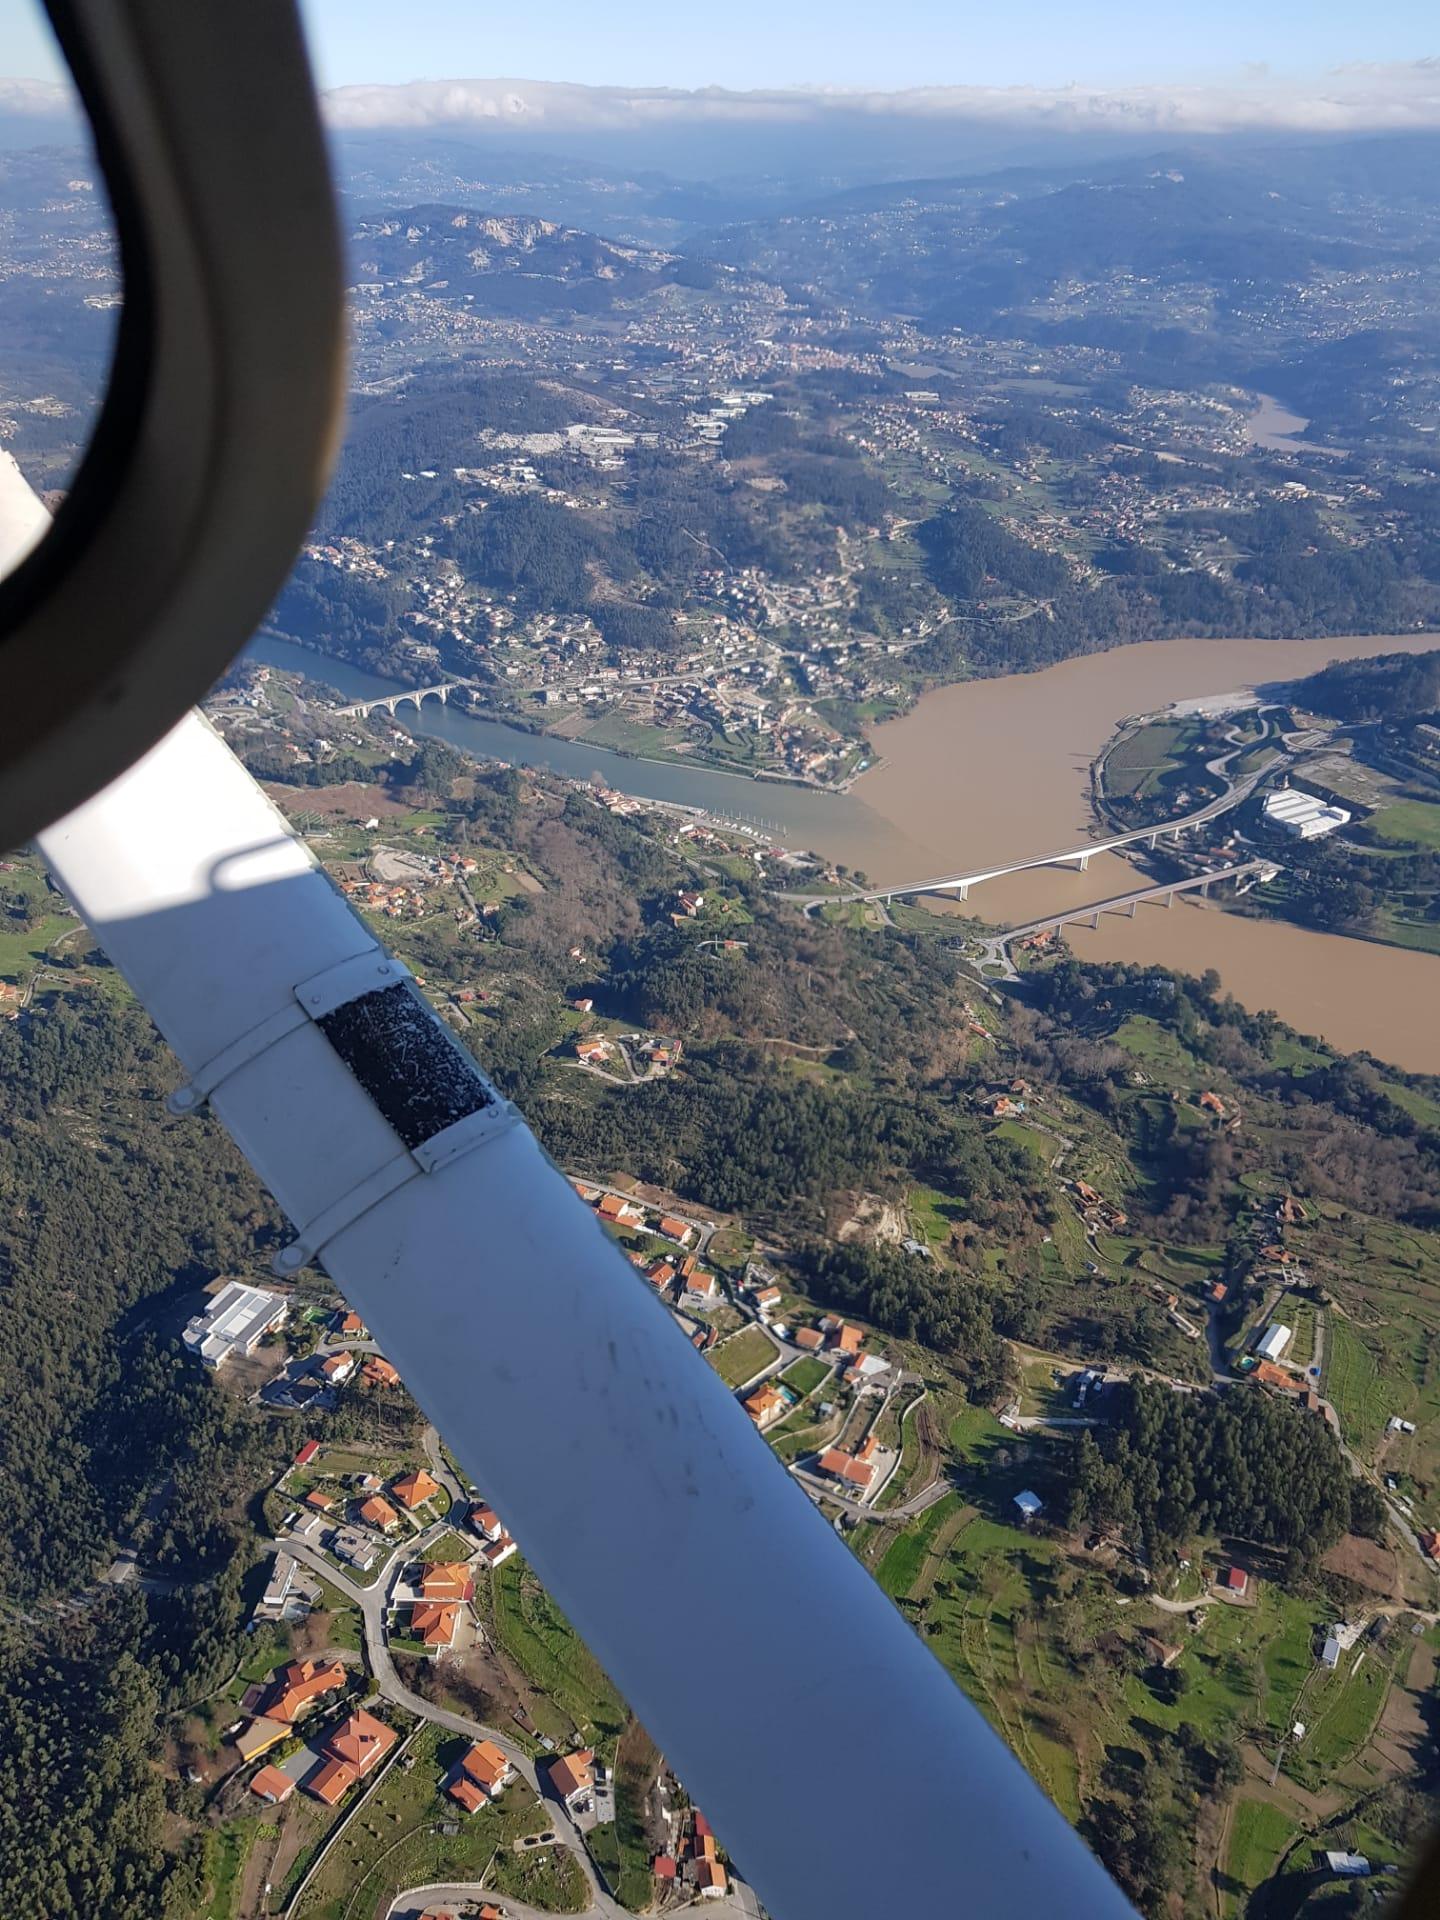 LM-Arquivo-Douro-Paiva-Foto-Aerea-ETA-Lever-095